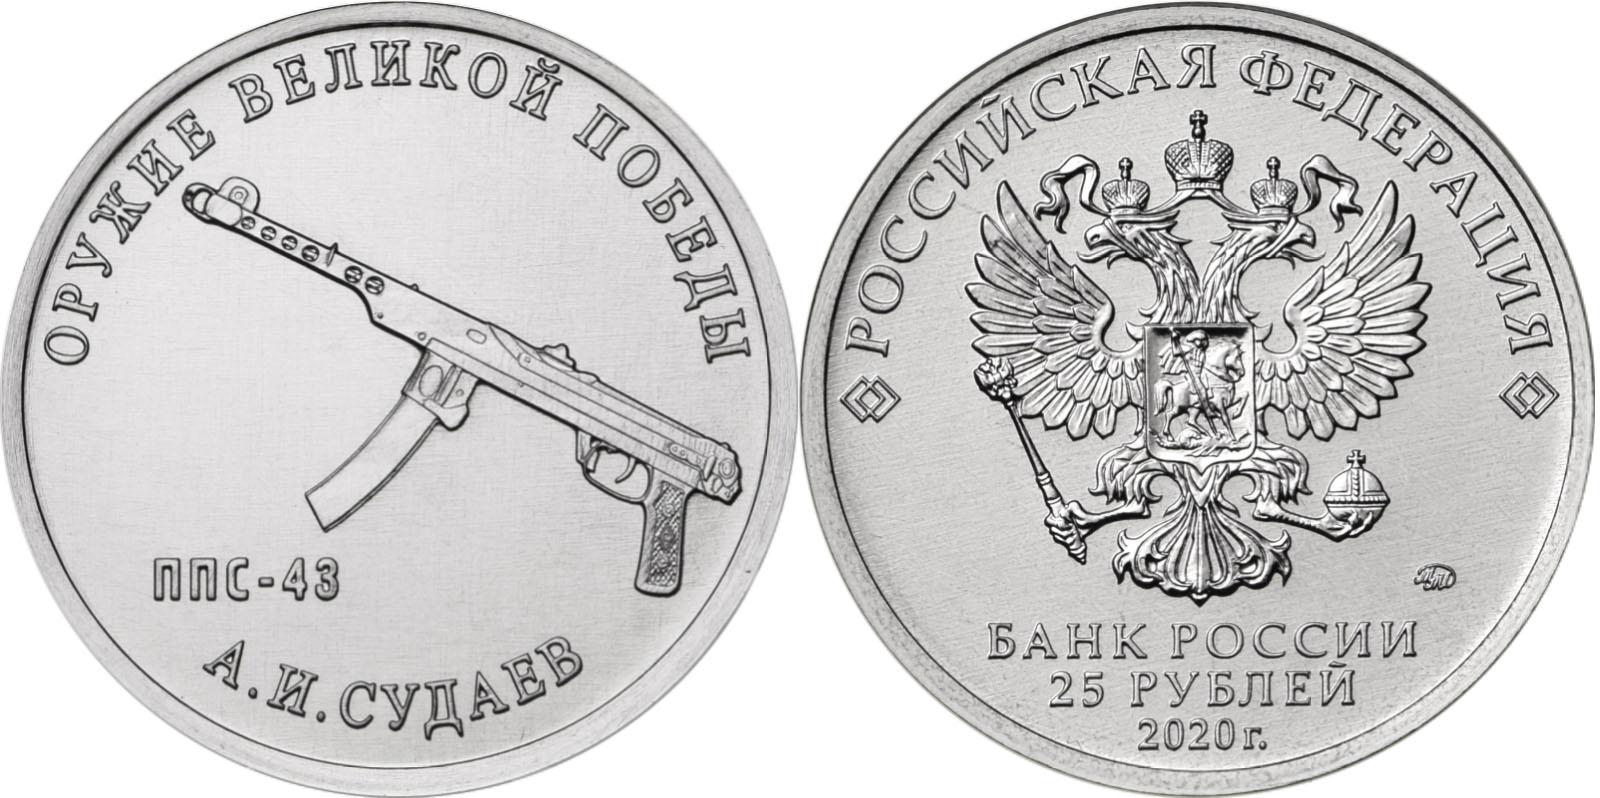 25 рублей «А. И. Судаев»